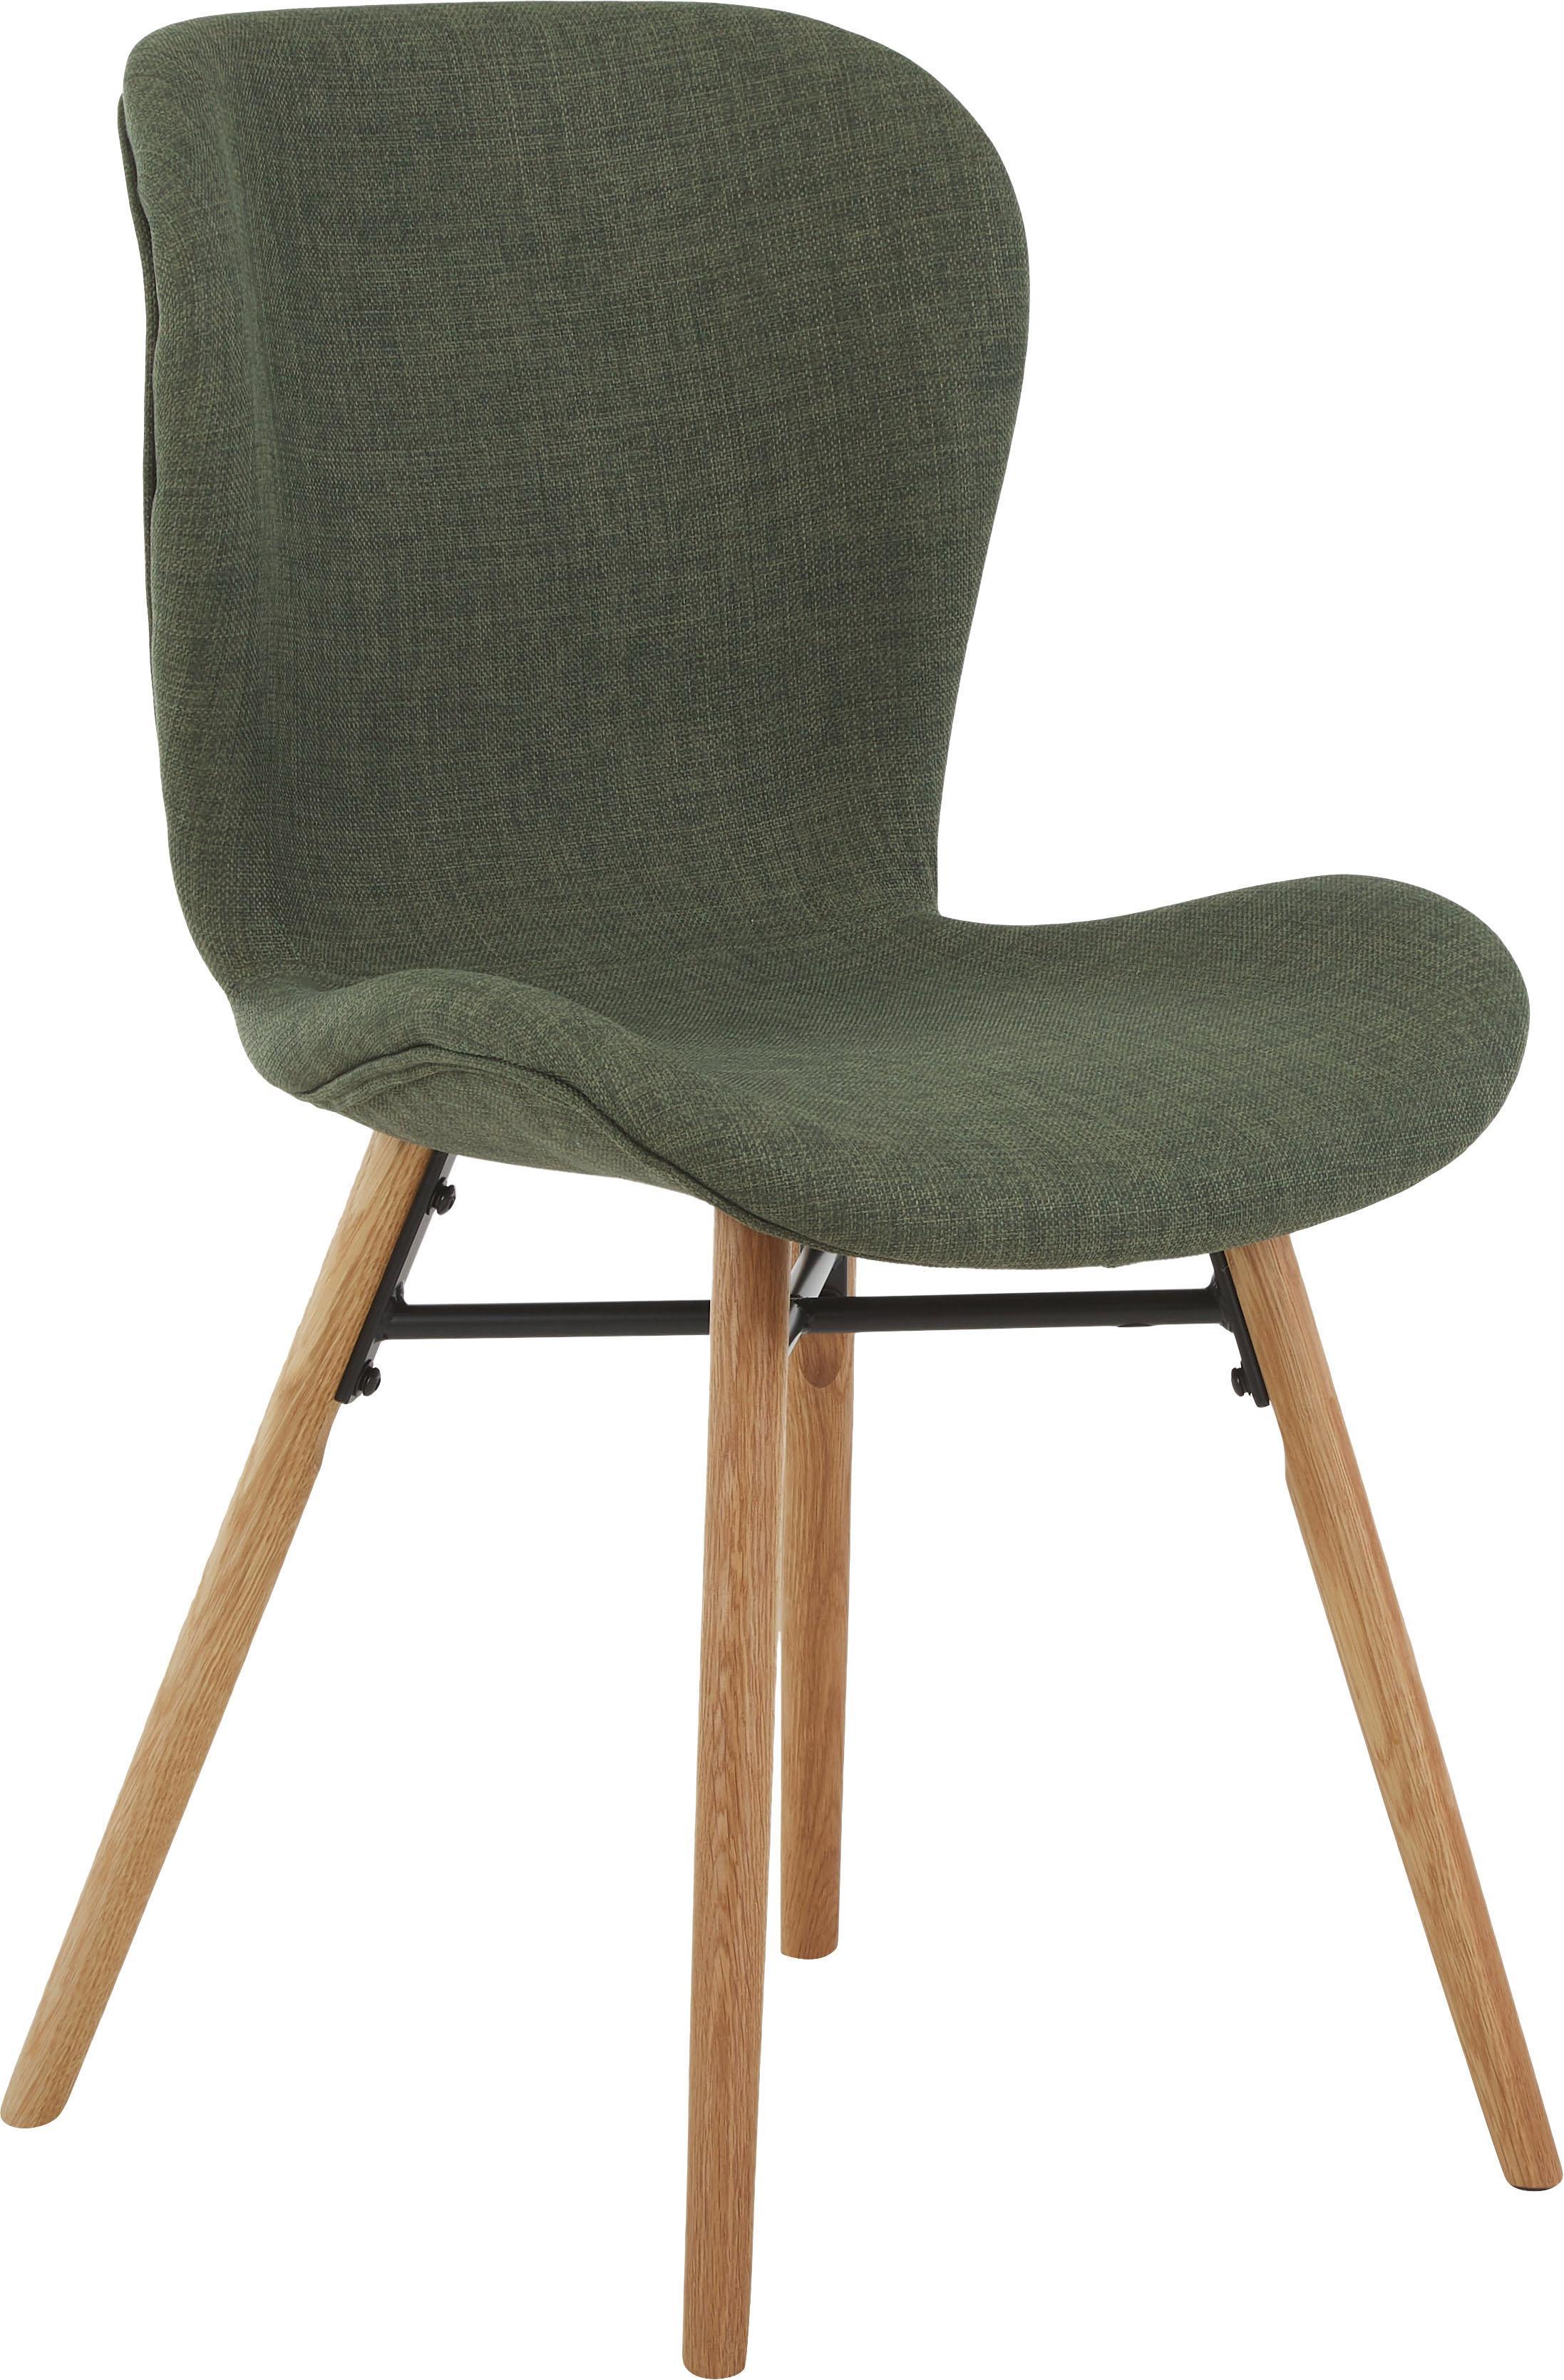 Krzesło tapicerowane Batilda, 2 szt., Tapicerka: poliester 25000 cykli w , Nogi: drewno dębowe, lite, laki, Zielony, S 56 x W 83 cm